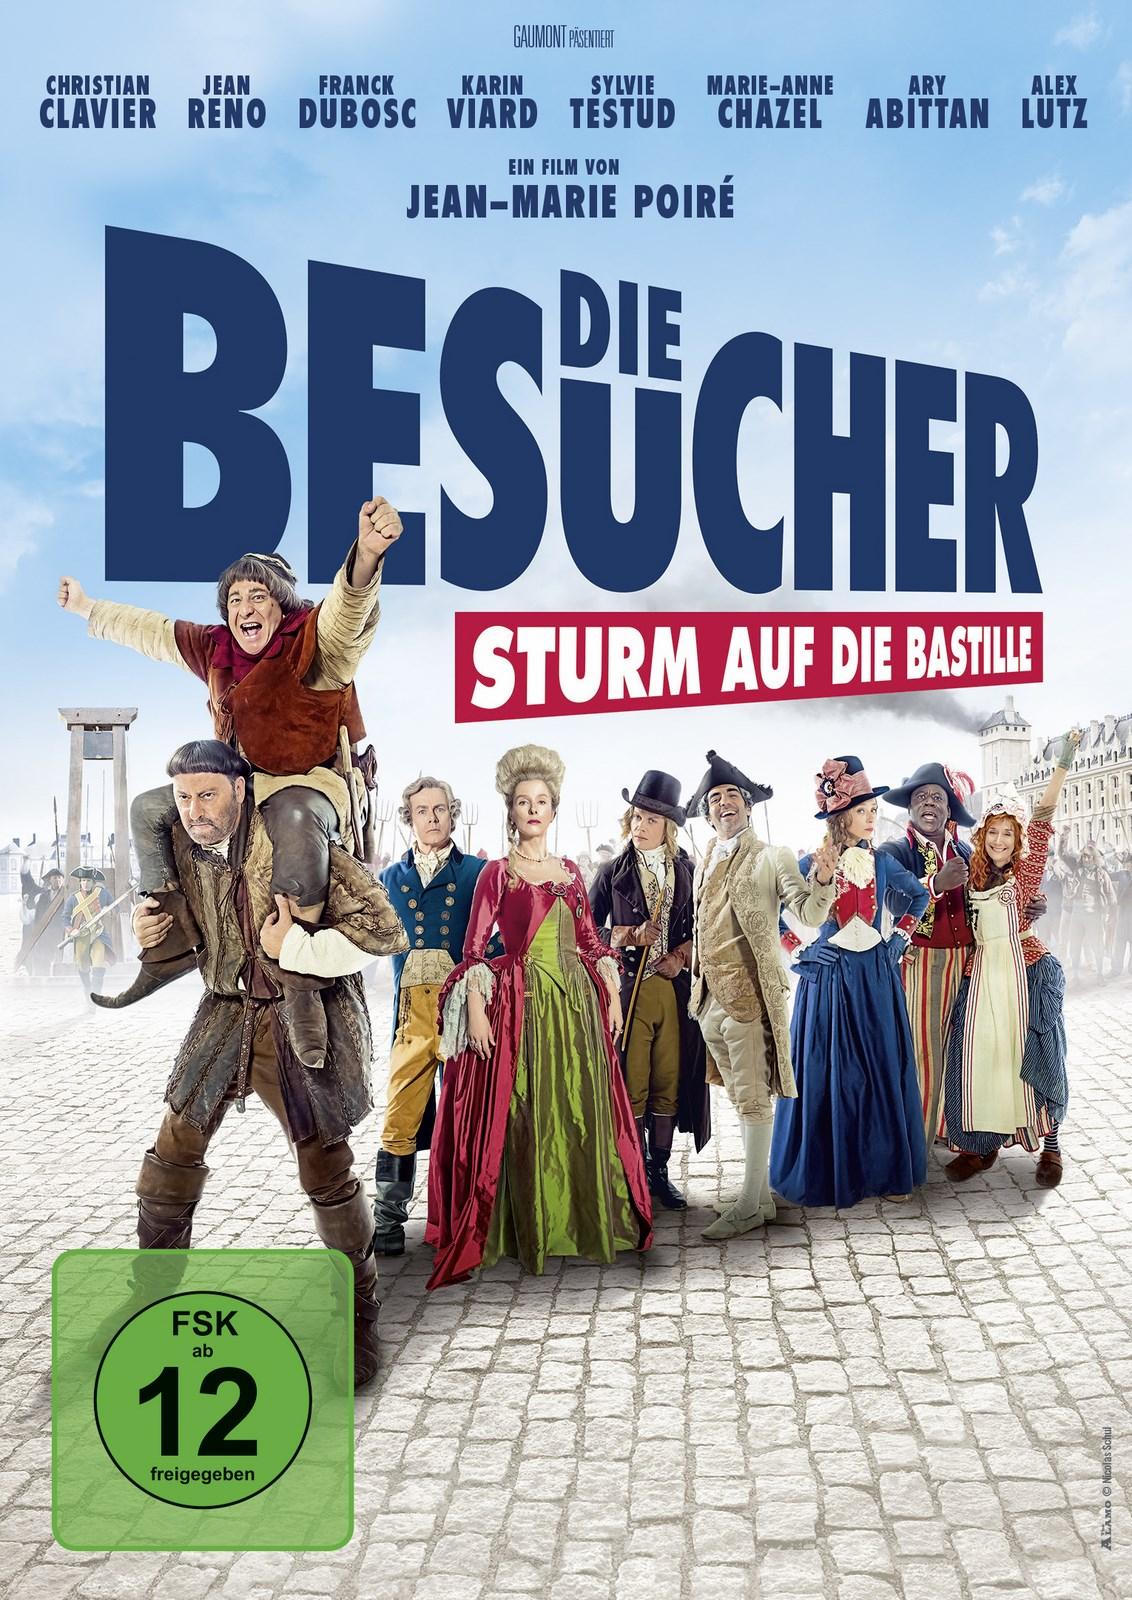 Userkritiken zum Film Die Besucher - Sturm auf die Bastille ...